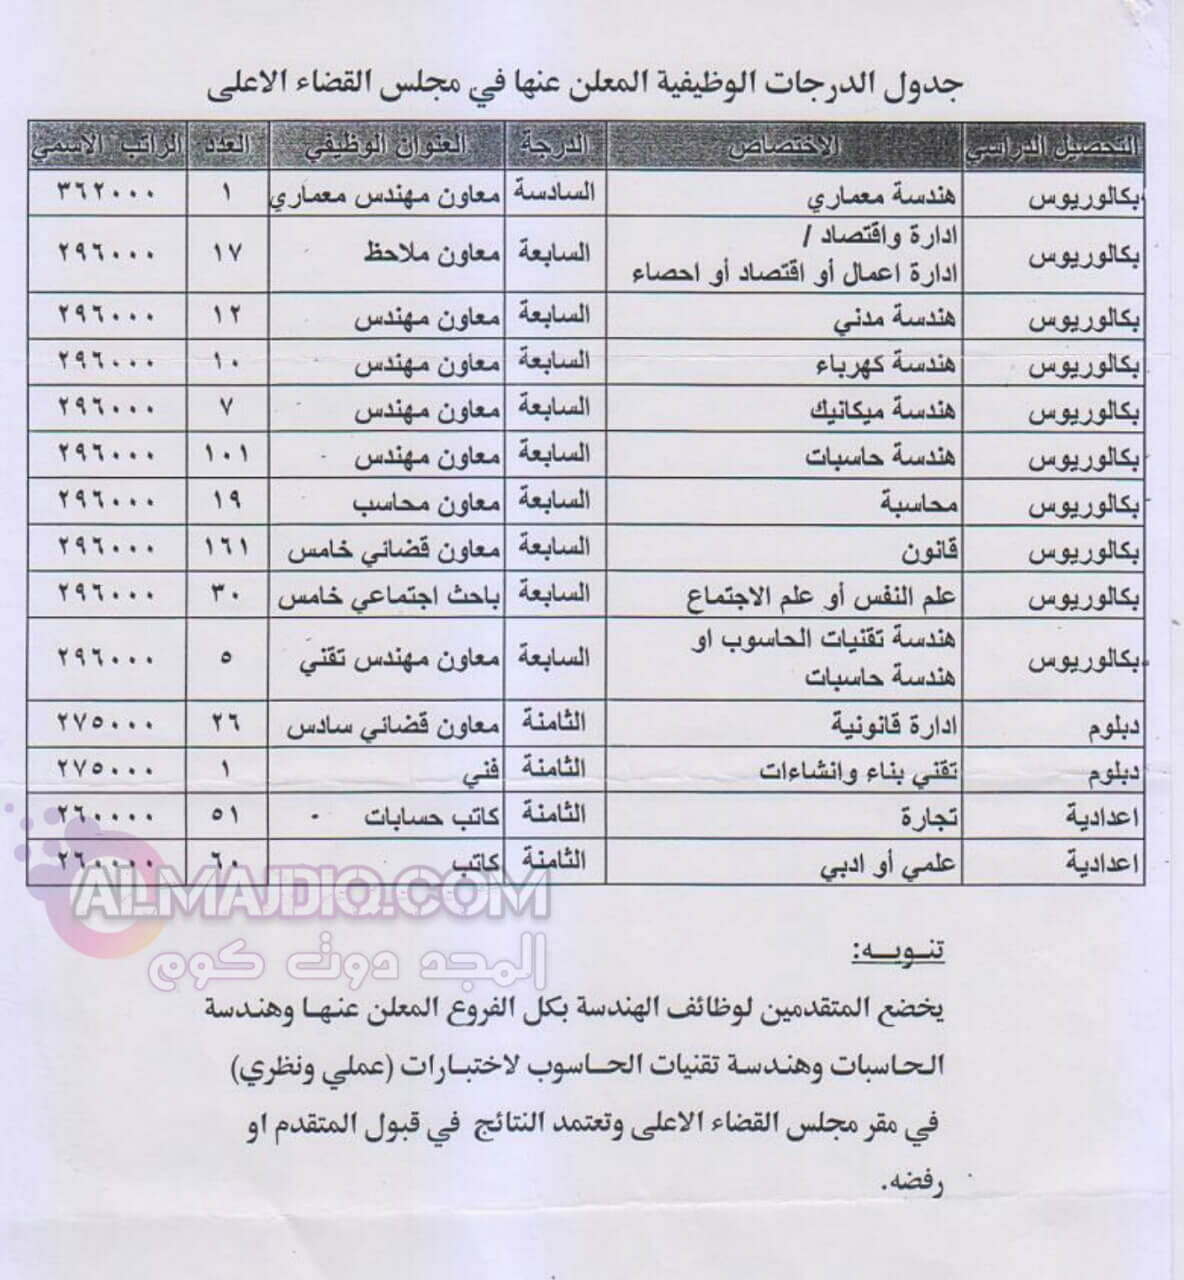 استمارة مجلس القضاء العراقي